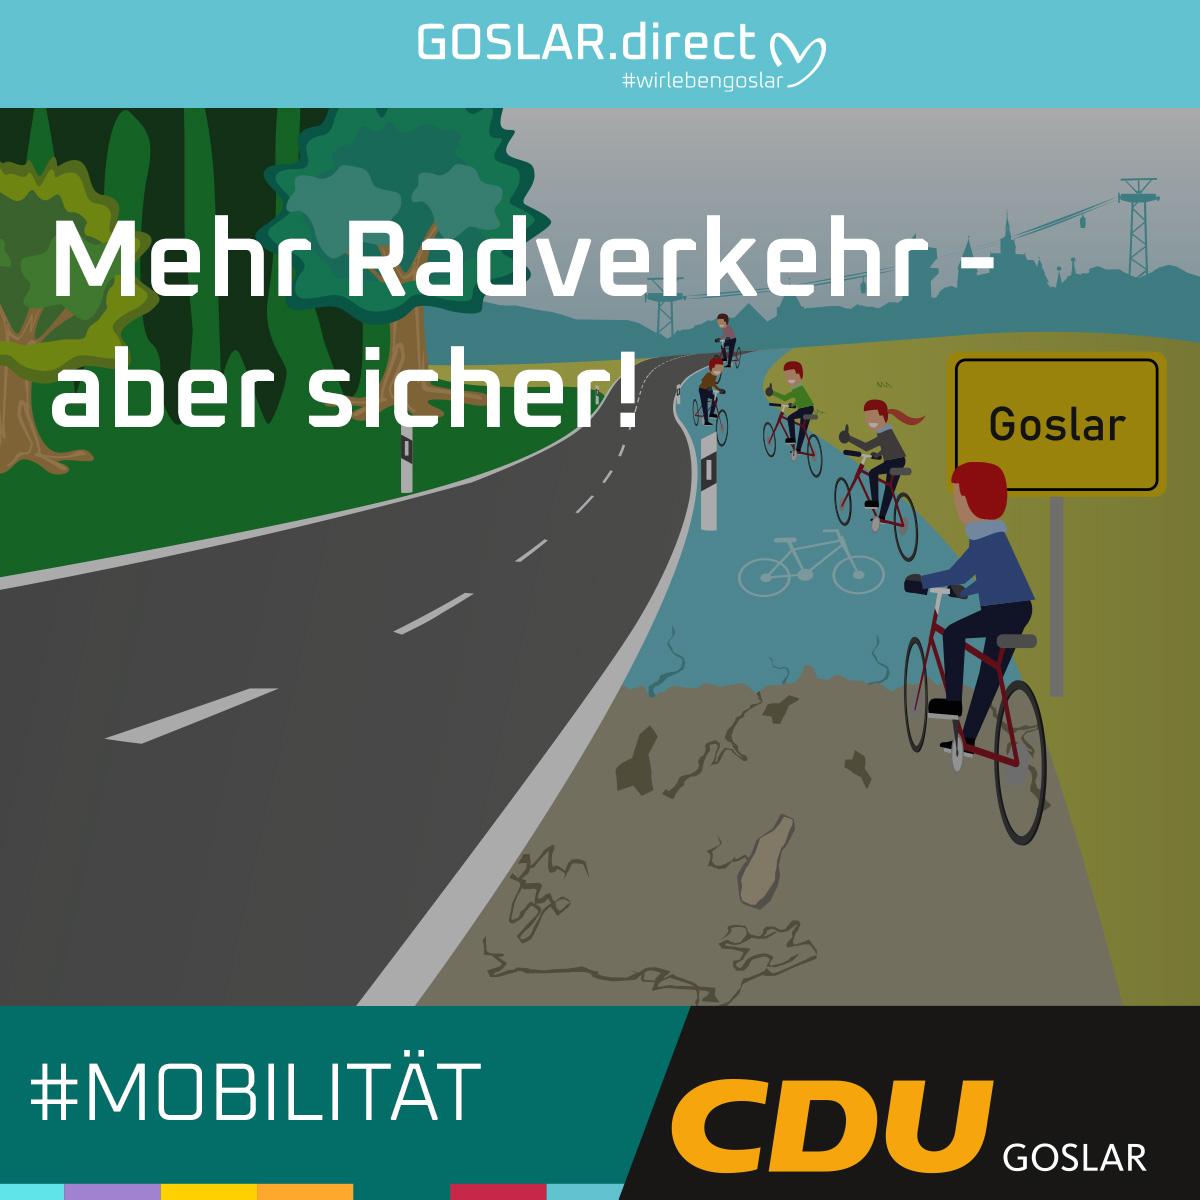 Mehr Radverkehr - aber sicher!